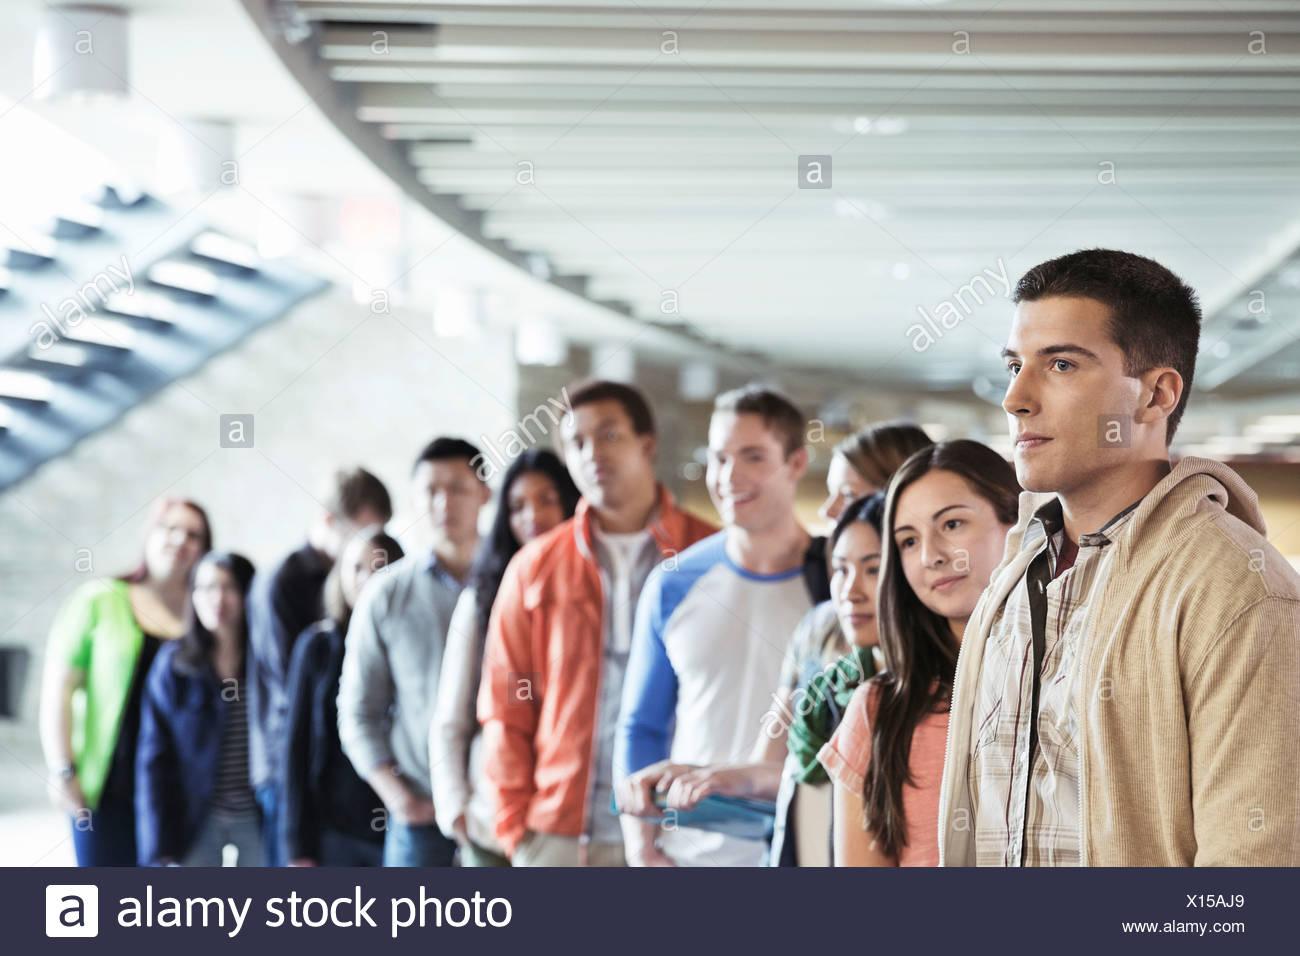 Gran grupo de estudiantes de pie en línea en campus universitario Imagen De Stock